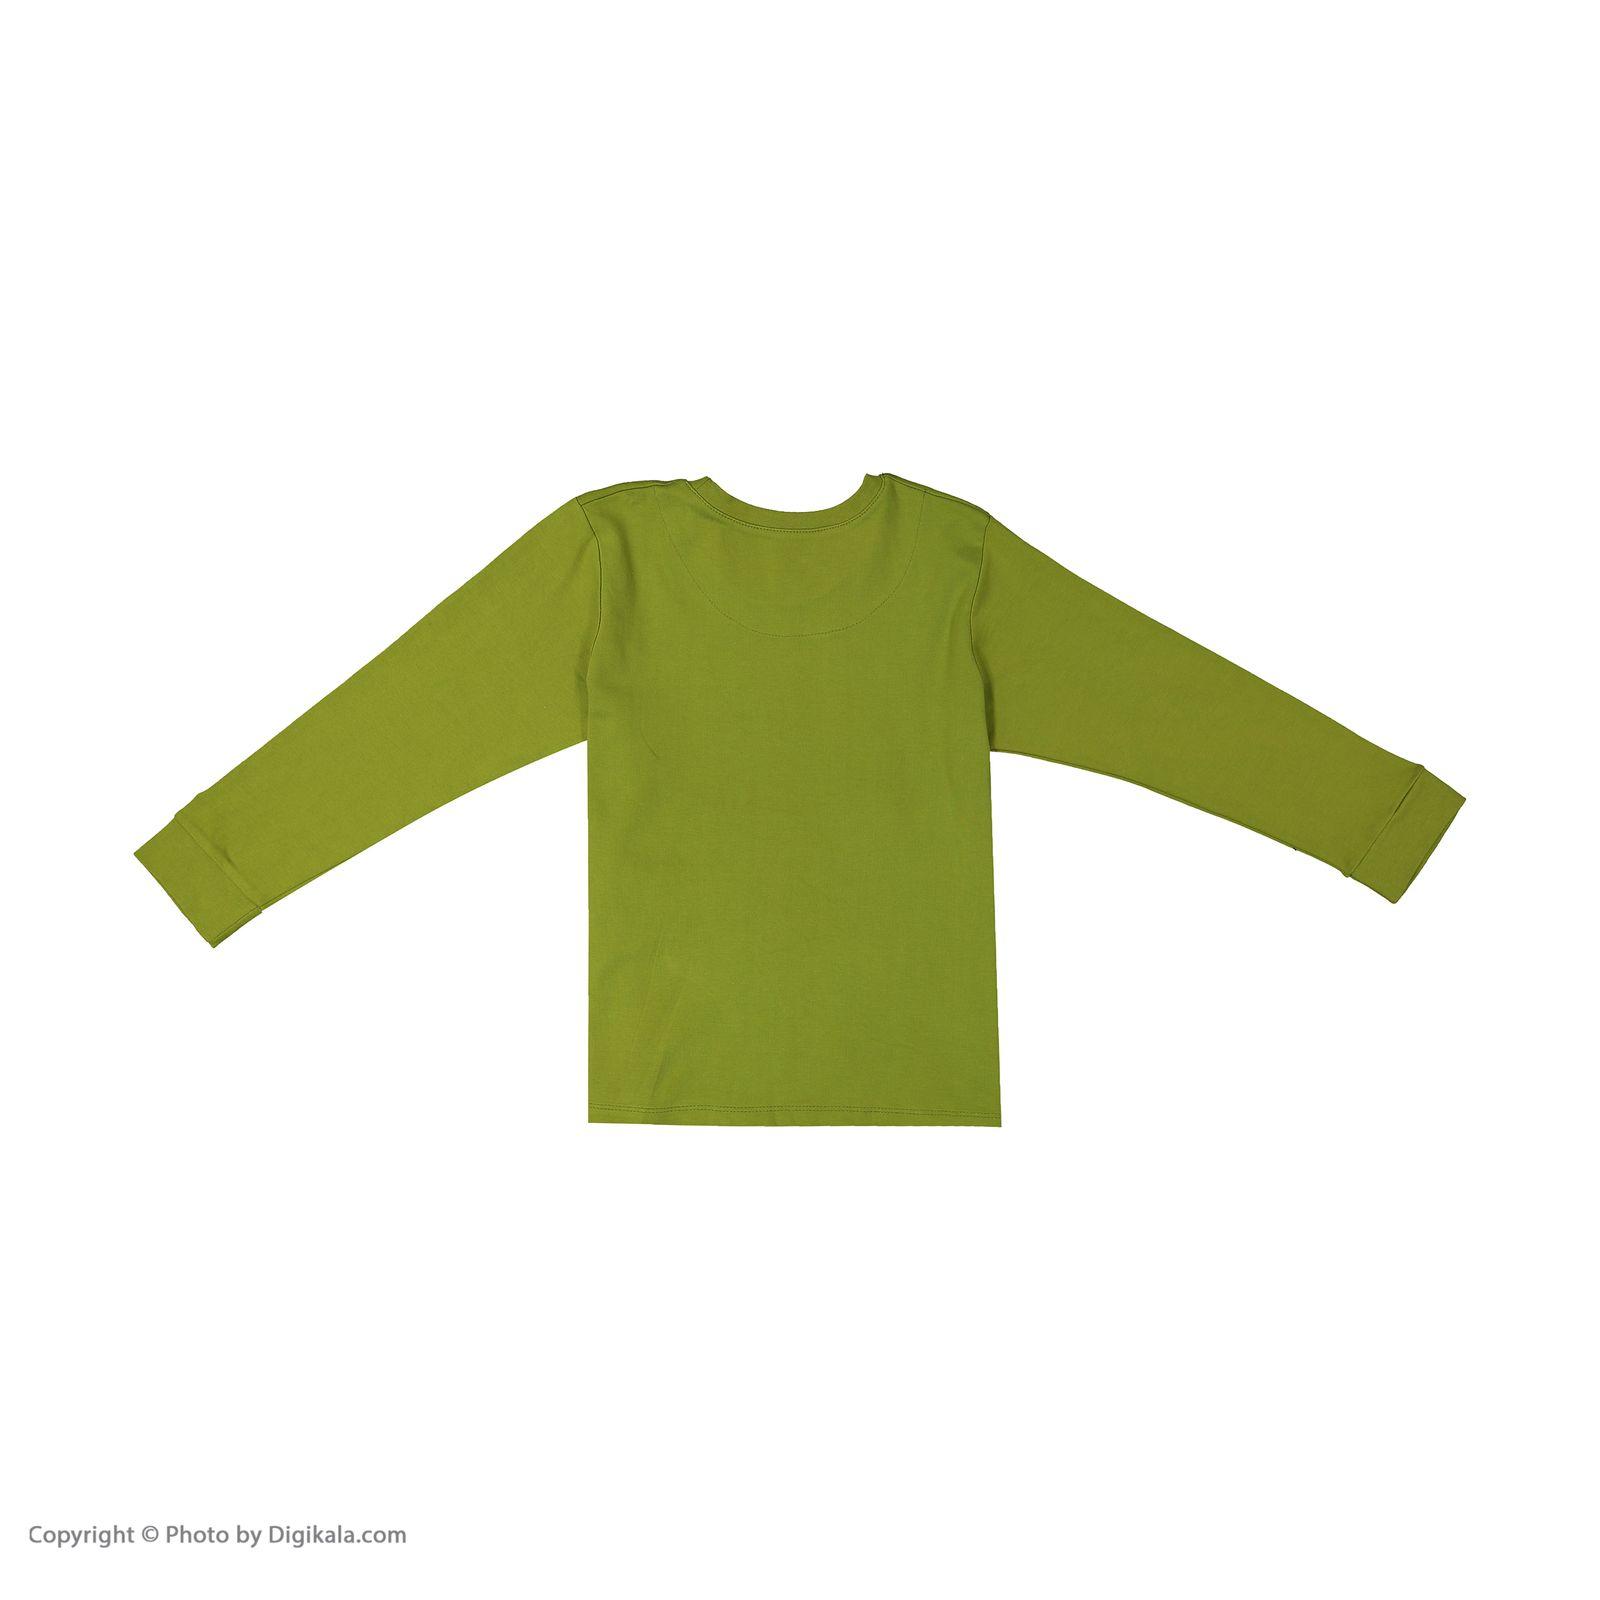 ست تی شرت و شلوار پسرانه مادر مدل 307-42 main 1 9